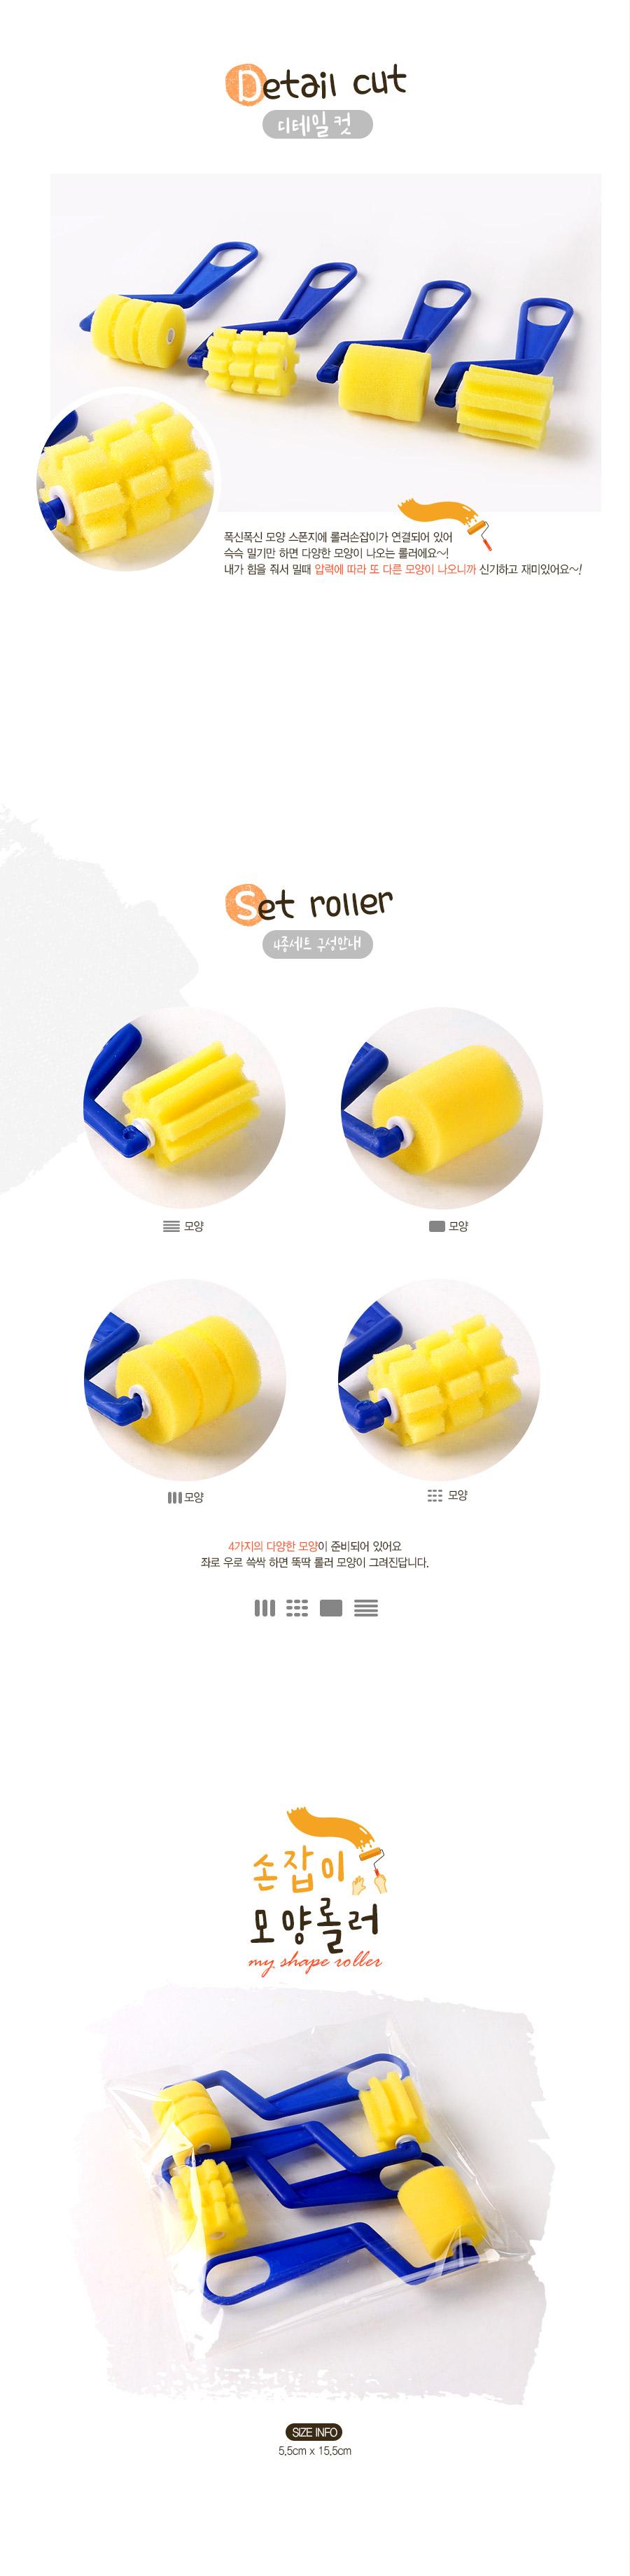 손잡이모양롤러(4종)/모양찍기/미술재료/스펀지붓 - 아트랄라, 3,500원, 미니어처 DIY, 미니어처 재료